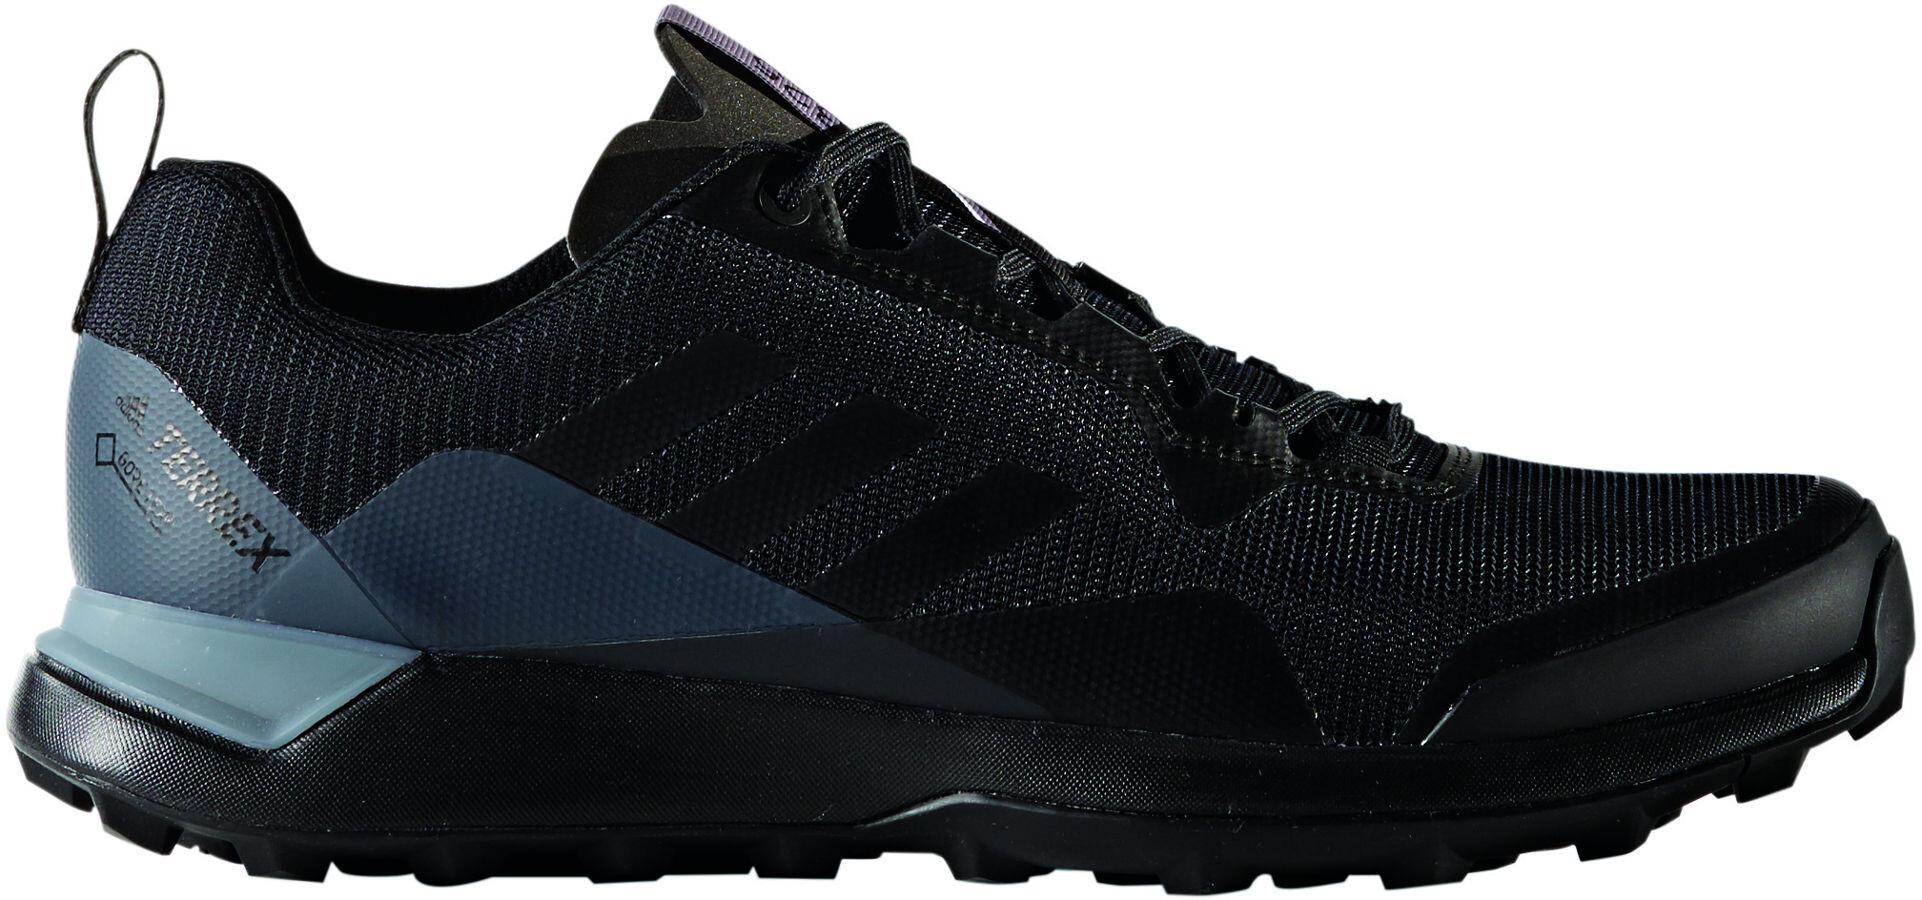 premium selection ee541 d2f39 adidas TERREX CMTK GTX - Calzado Hombre - negro